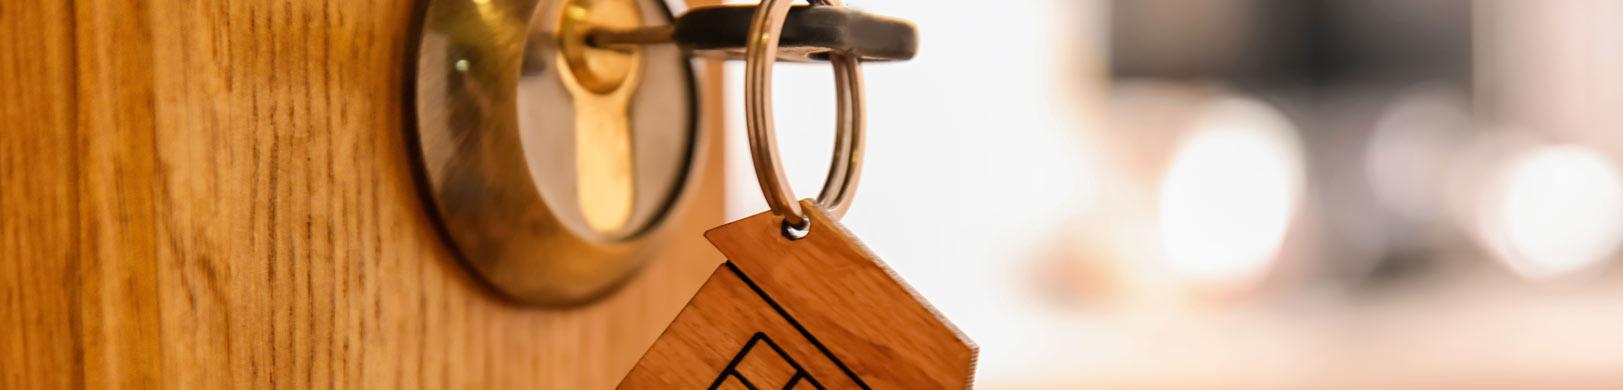 Courtier en biens immobiliers à Cuesmes - LIF ASSUR